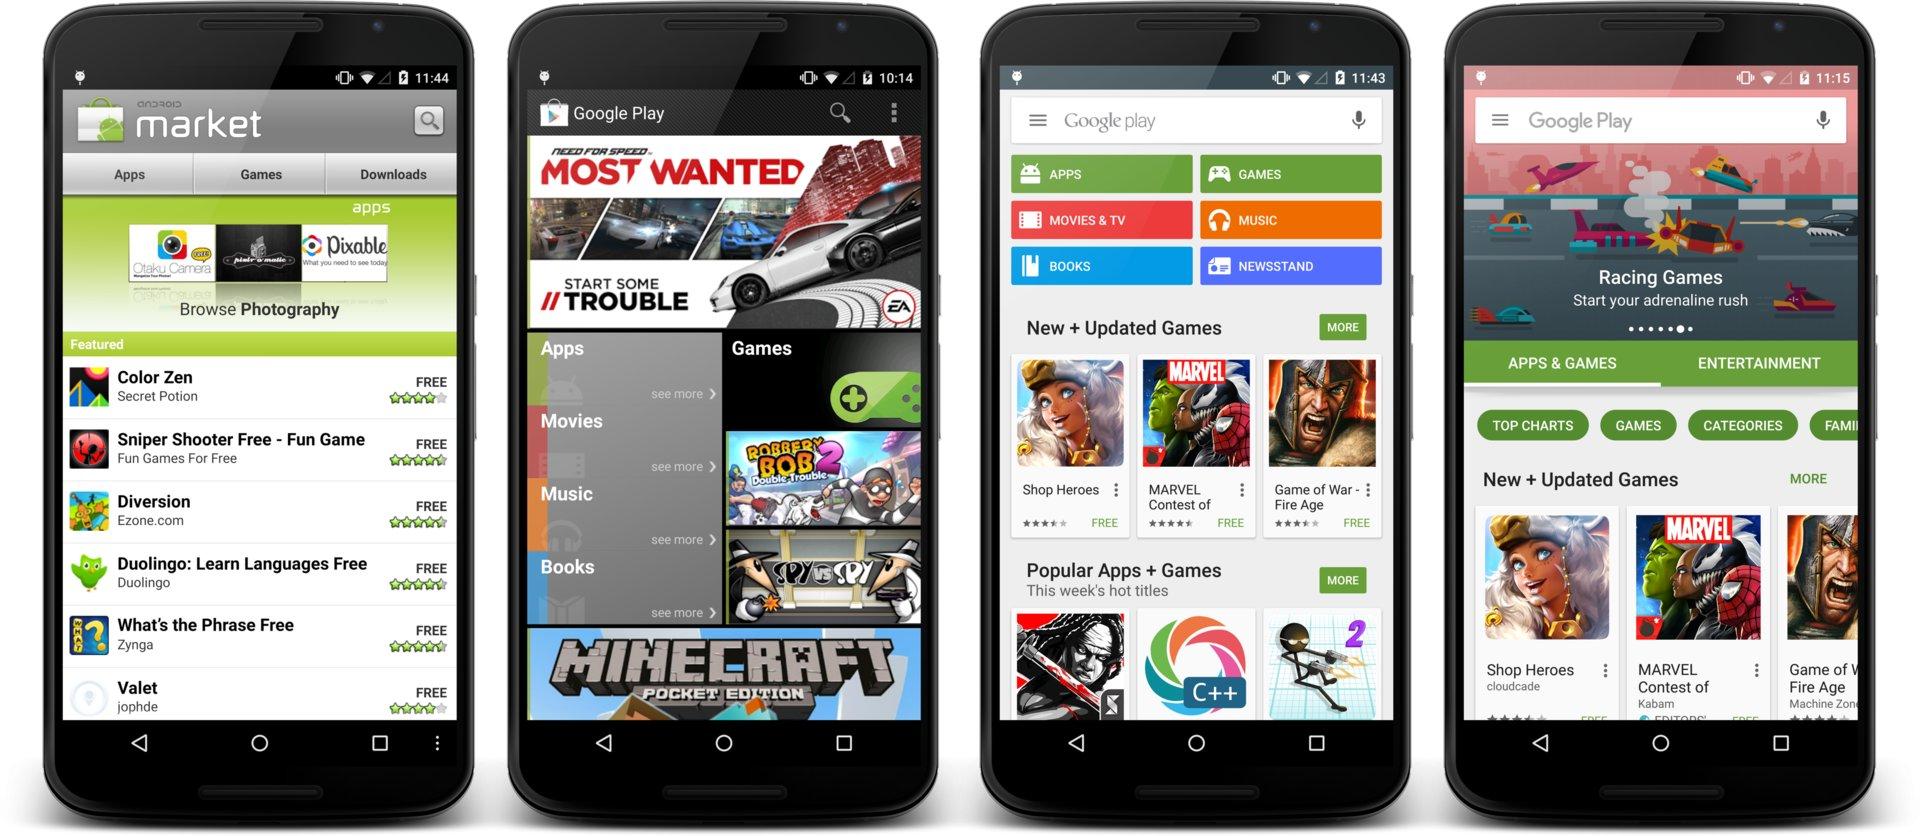 Google Play (Android Market) – Entwicklung über die Jahre